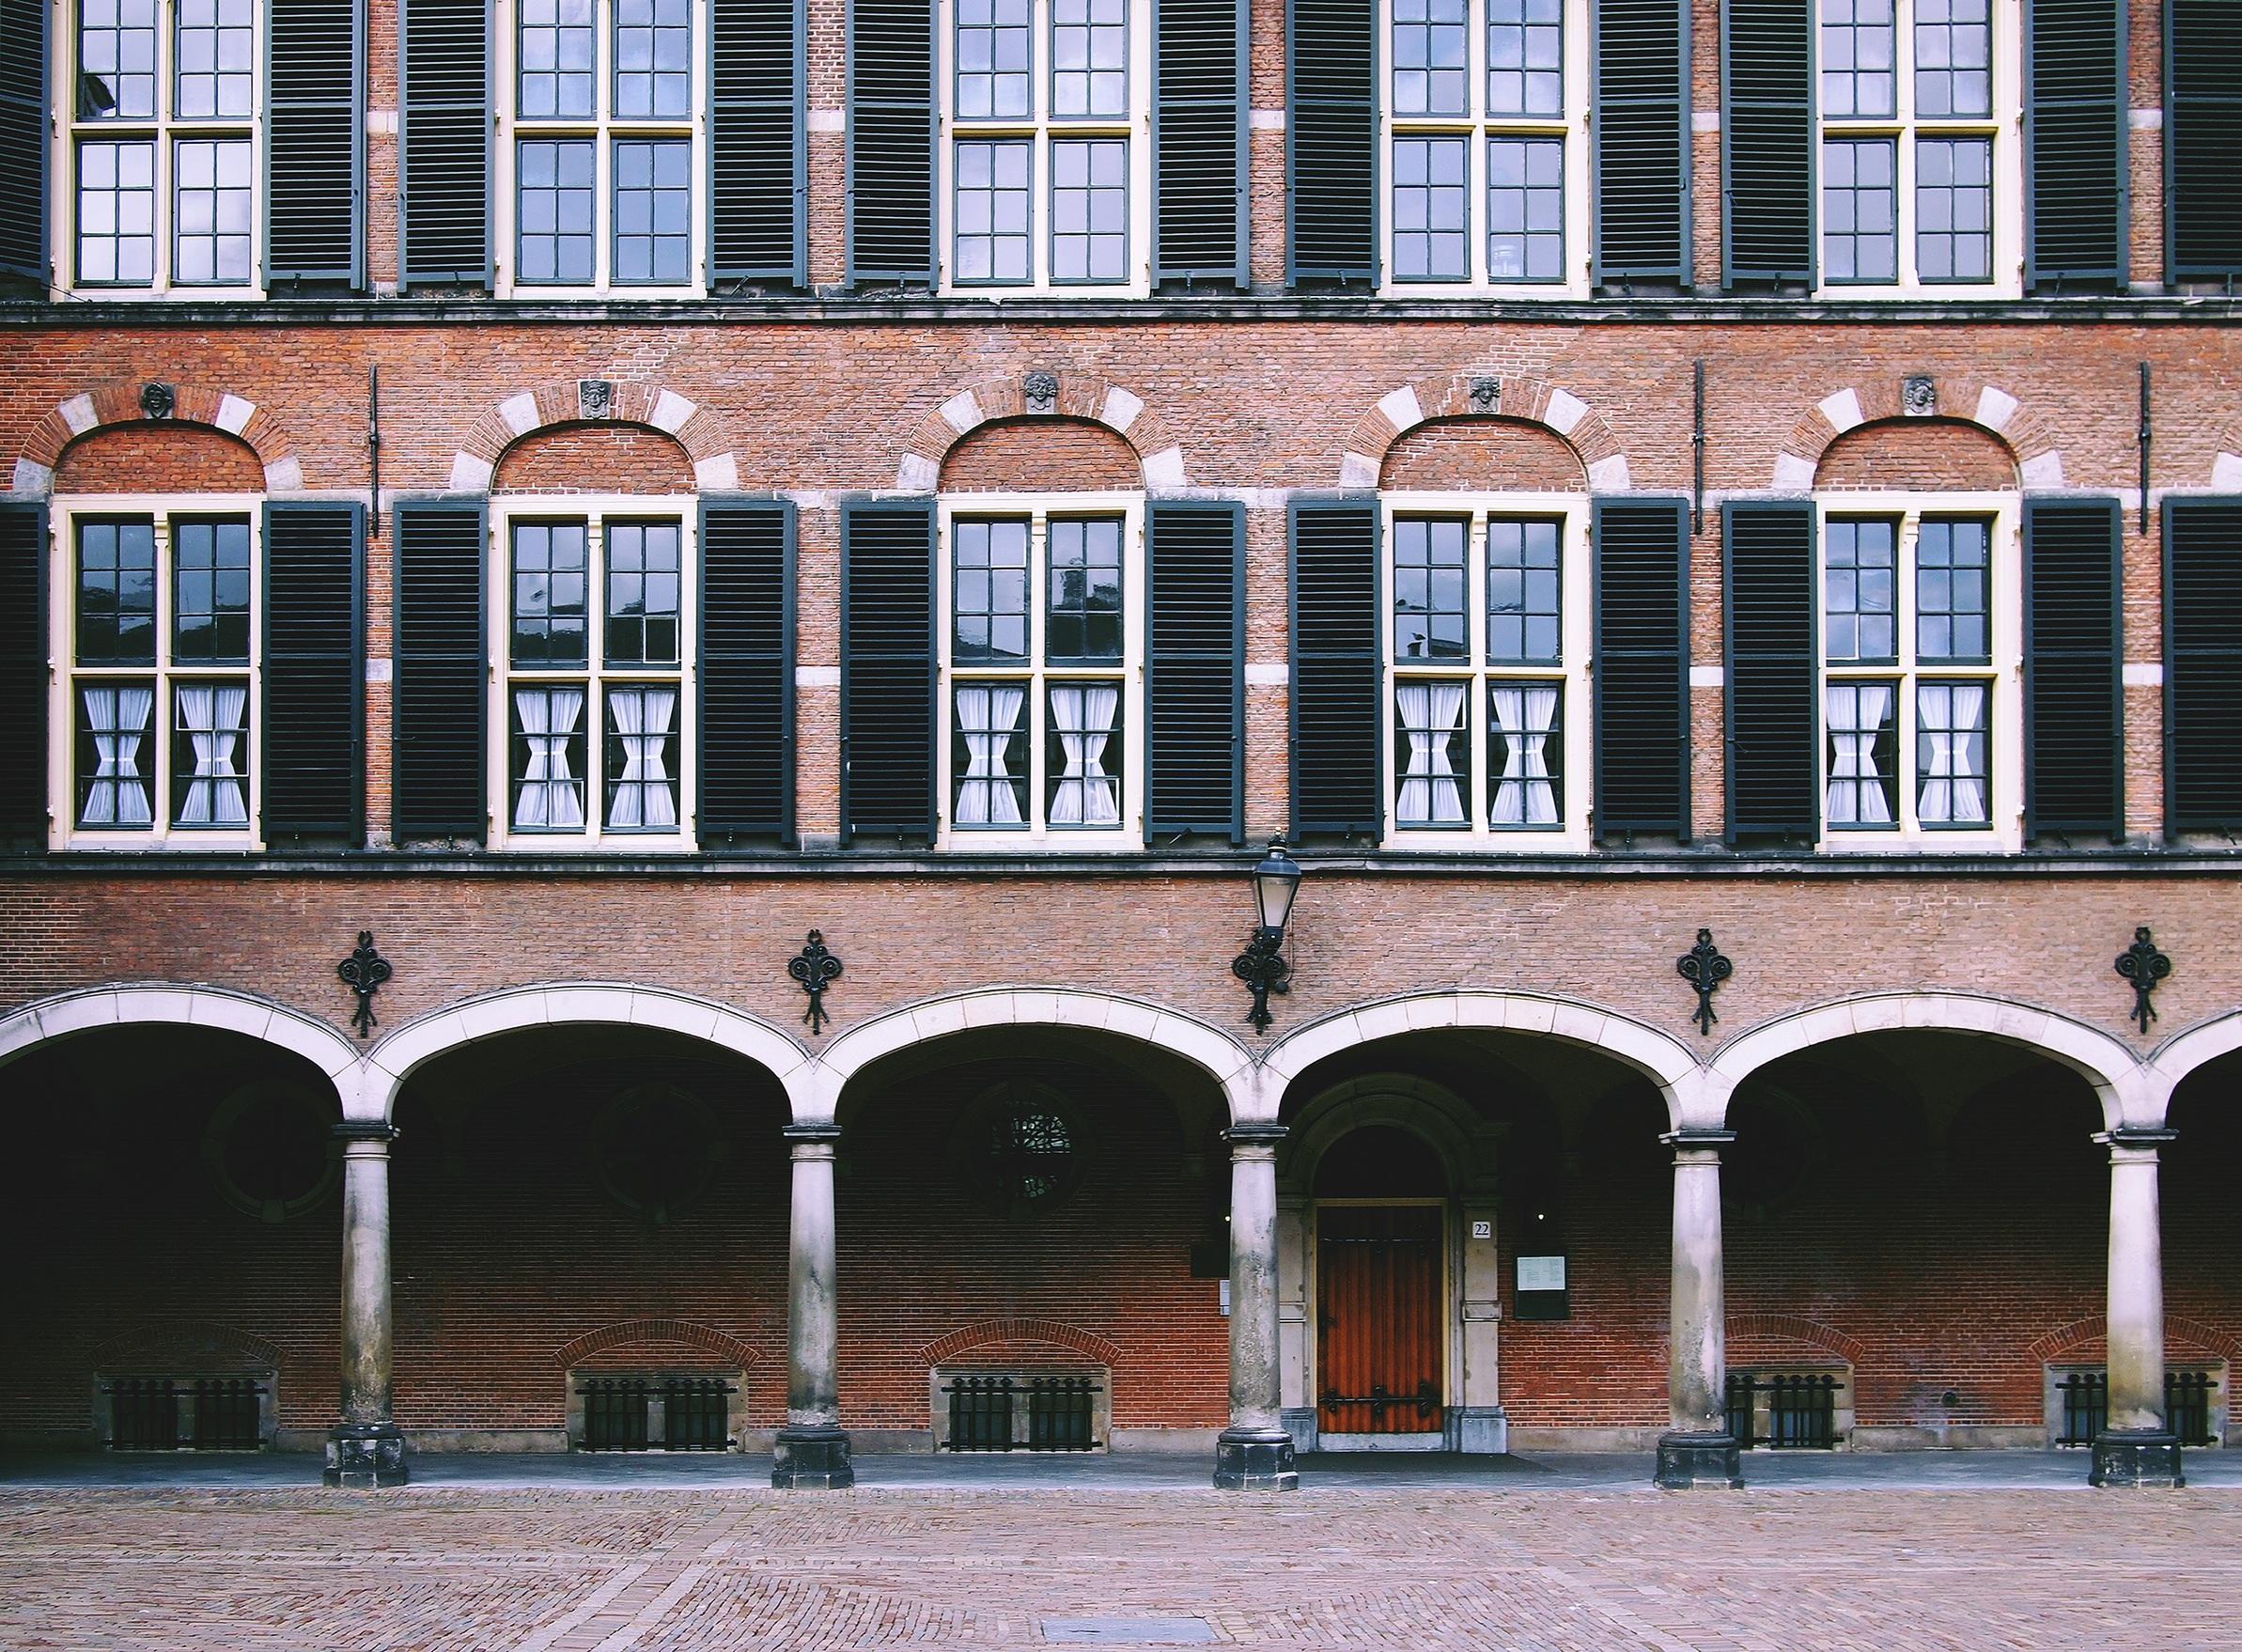 Banco de imagens arquitetura janela constru o pal cio cal ada portuguesa centro da - Persianas palacio ...